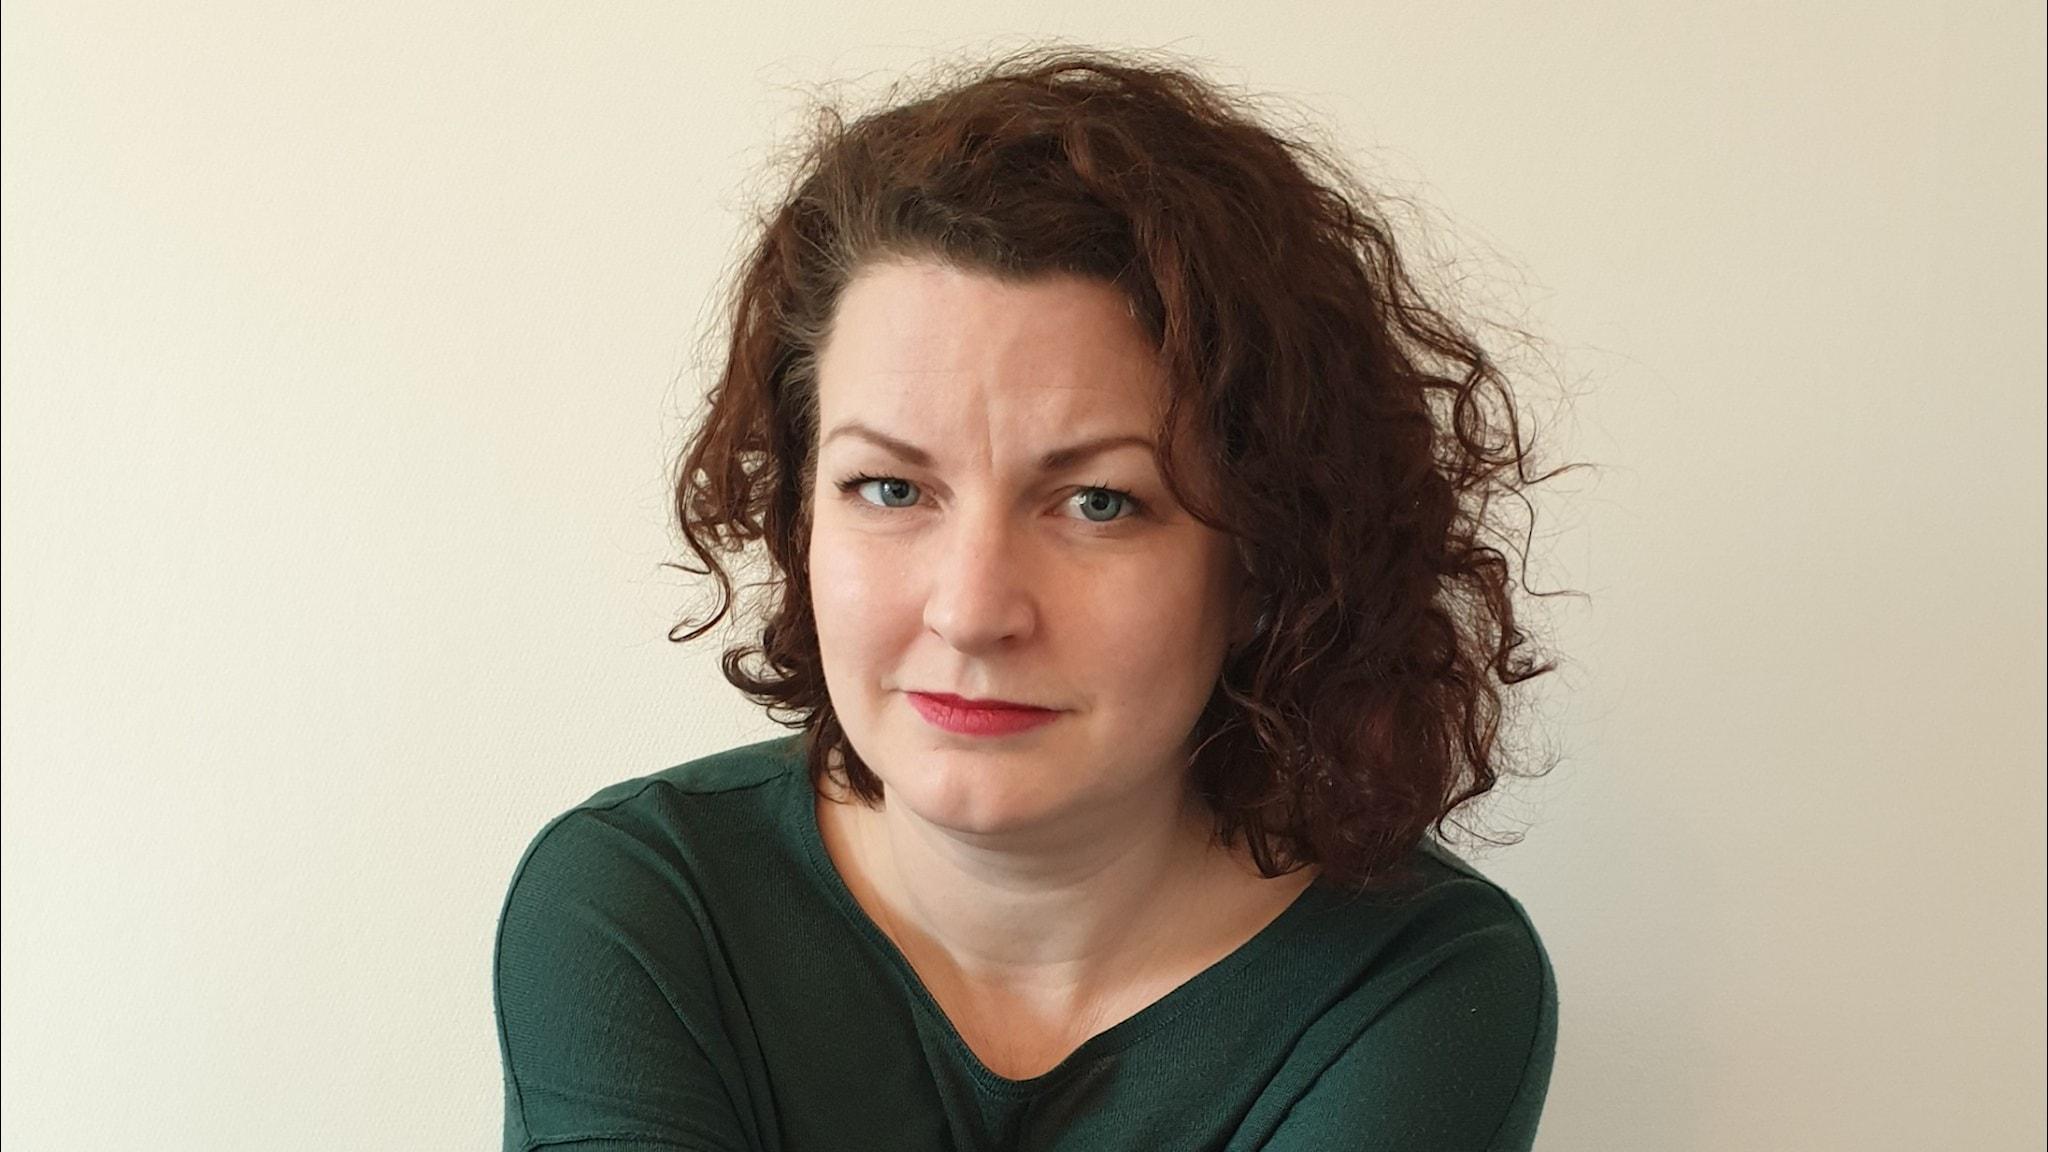 Ung kvinna med mörkt lockigt hår och grön tröja tittar in i kameran